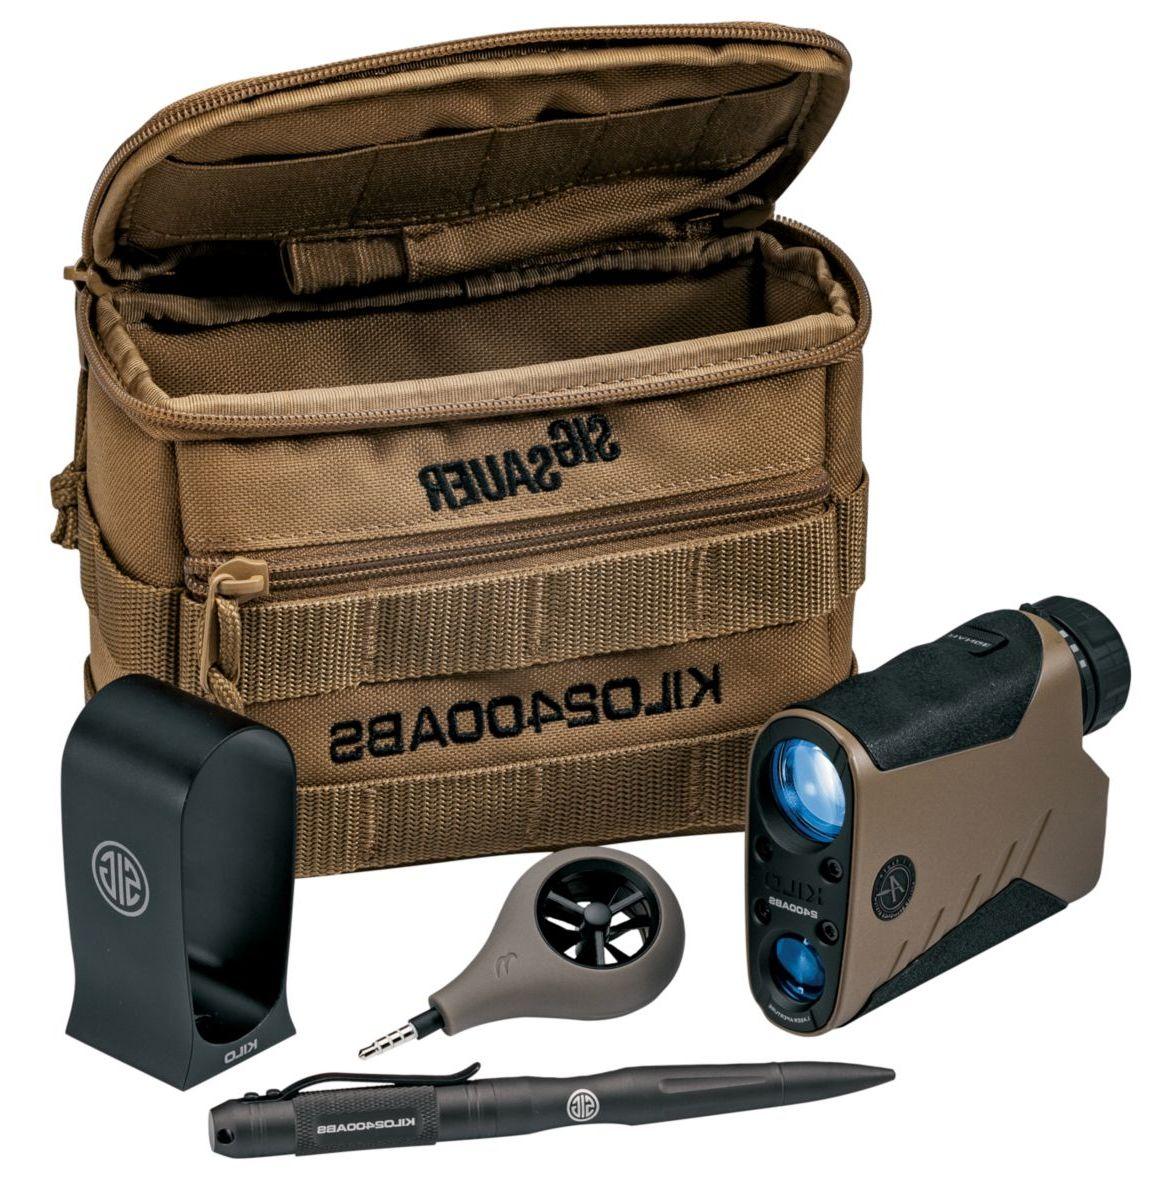 SIG Sauer® KILO2400ABS Ballistic Rangefinder